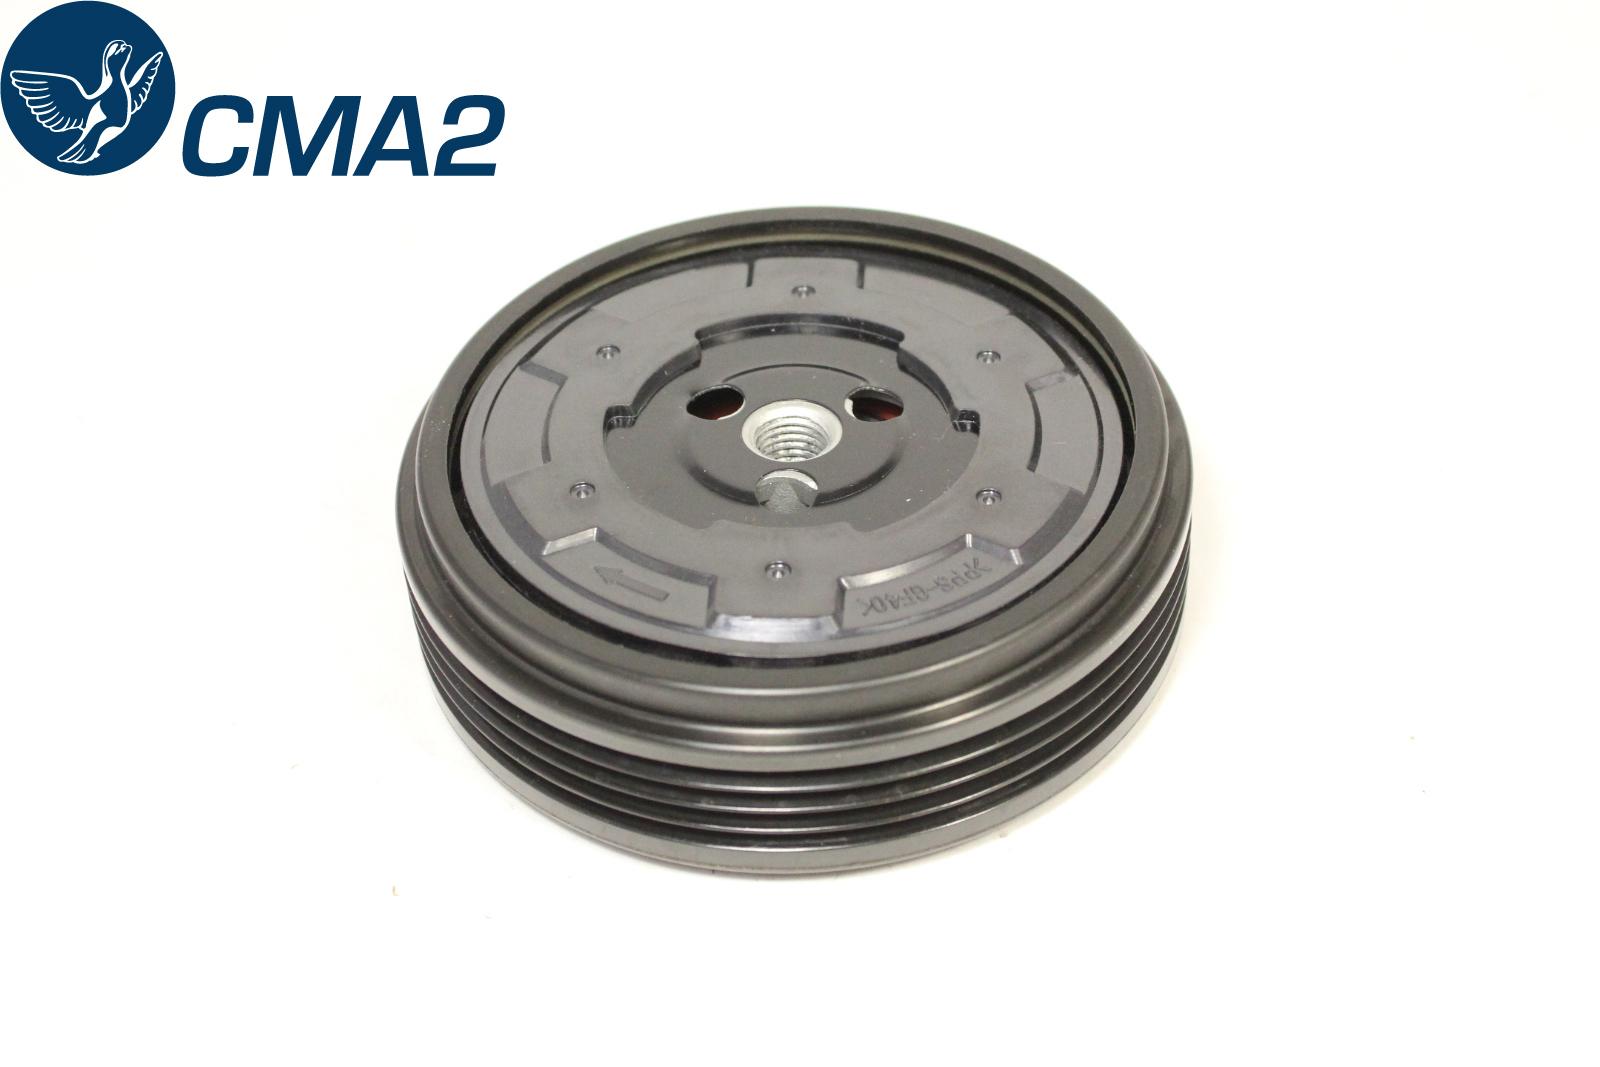 Шкив компрессора кондиционера BMW 64526917859 64526983098 64526917805